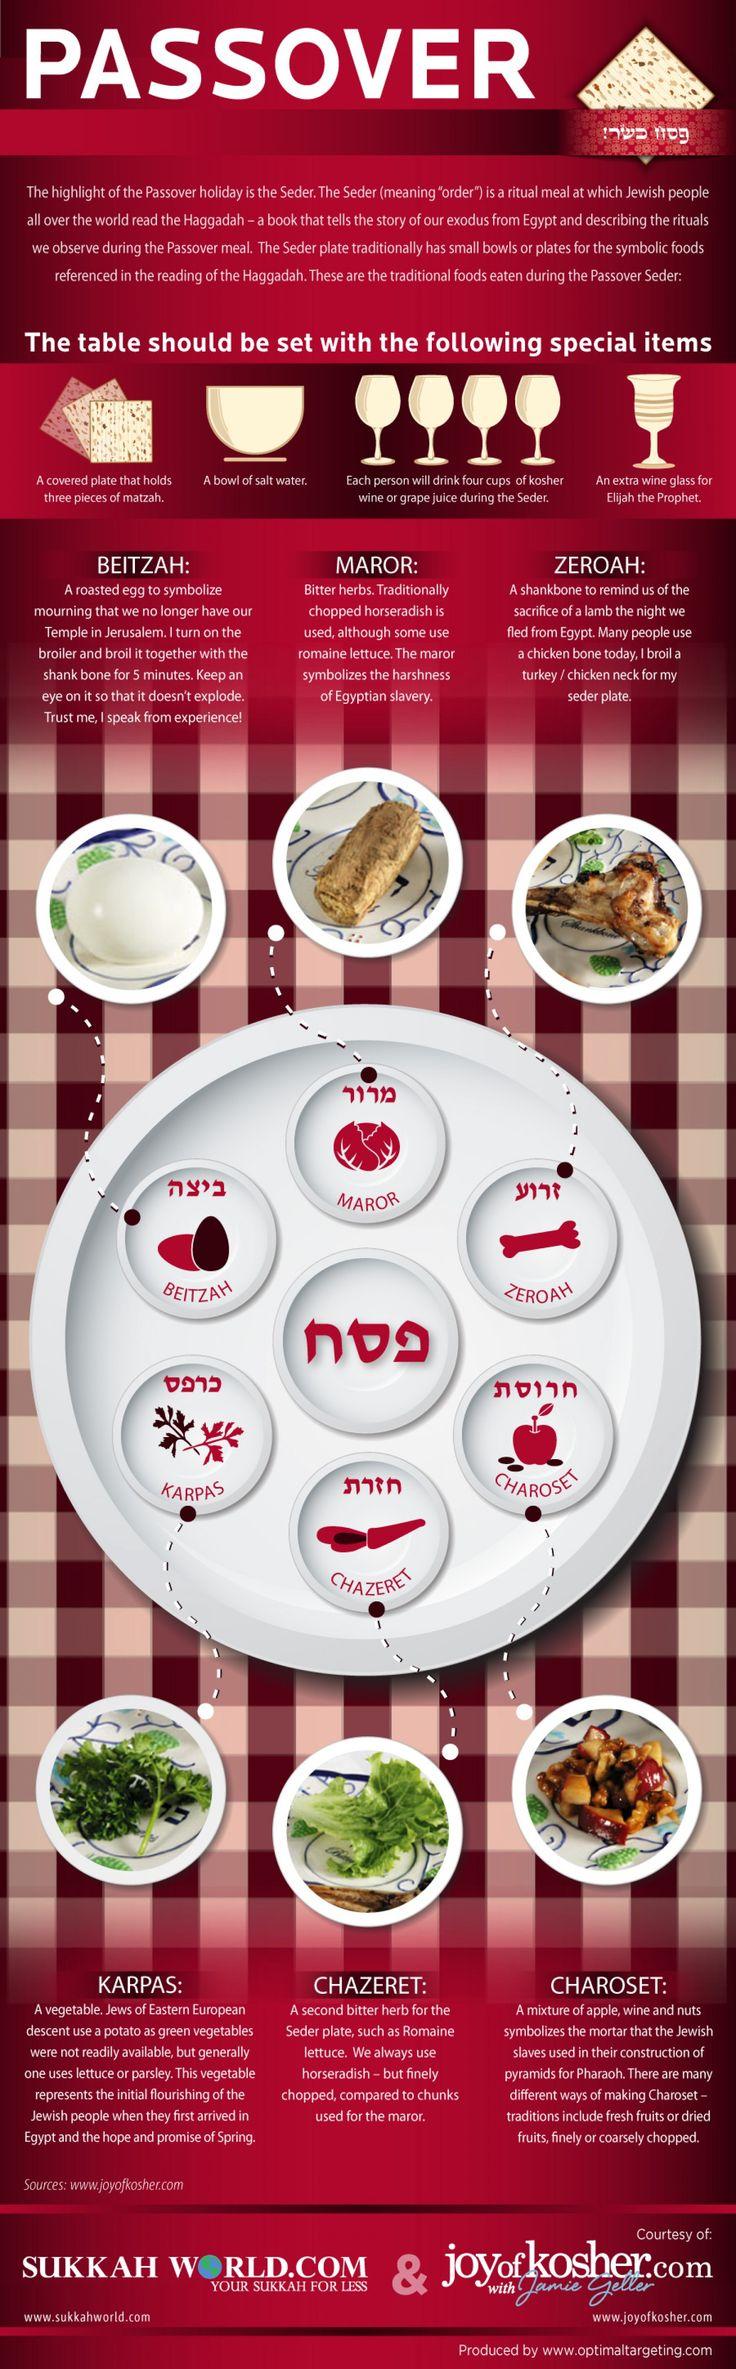 Passover judaism